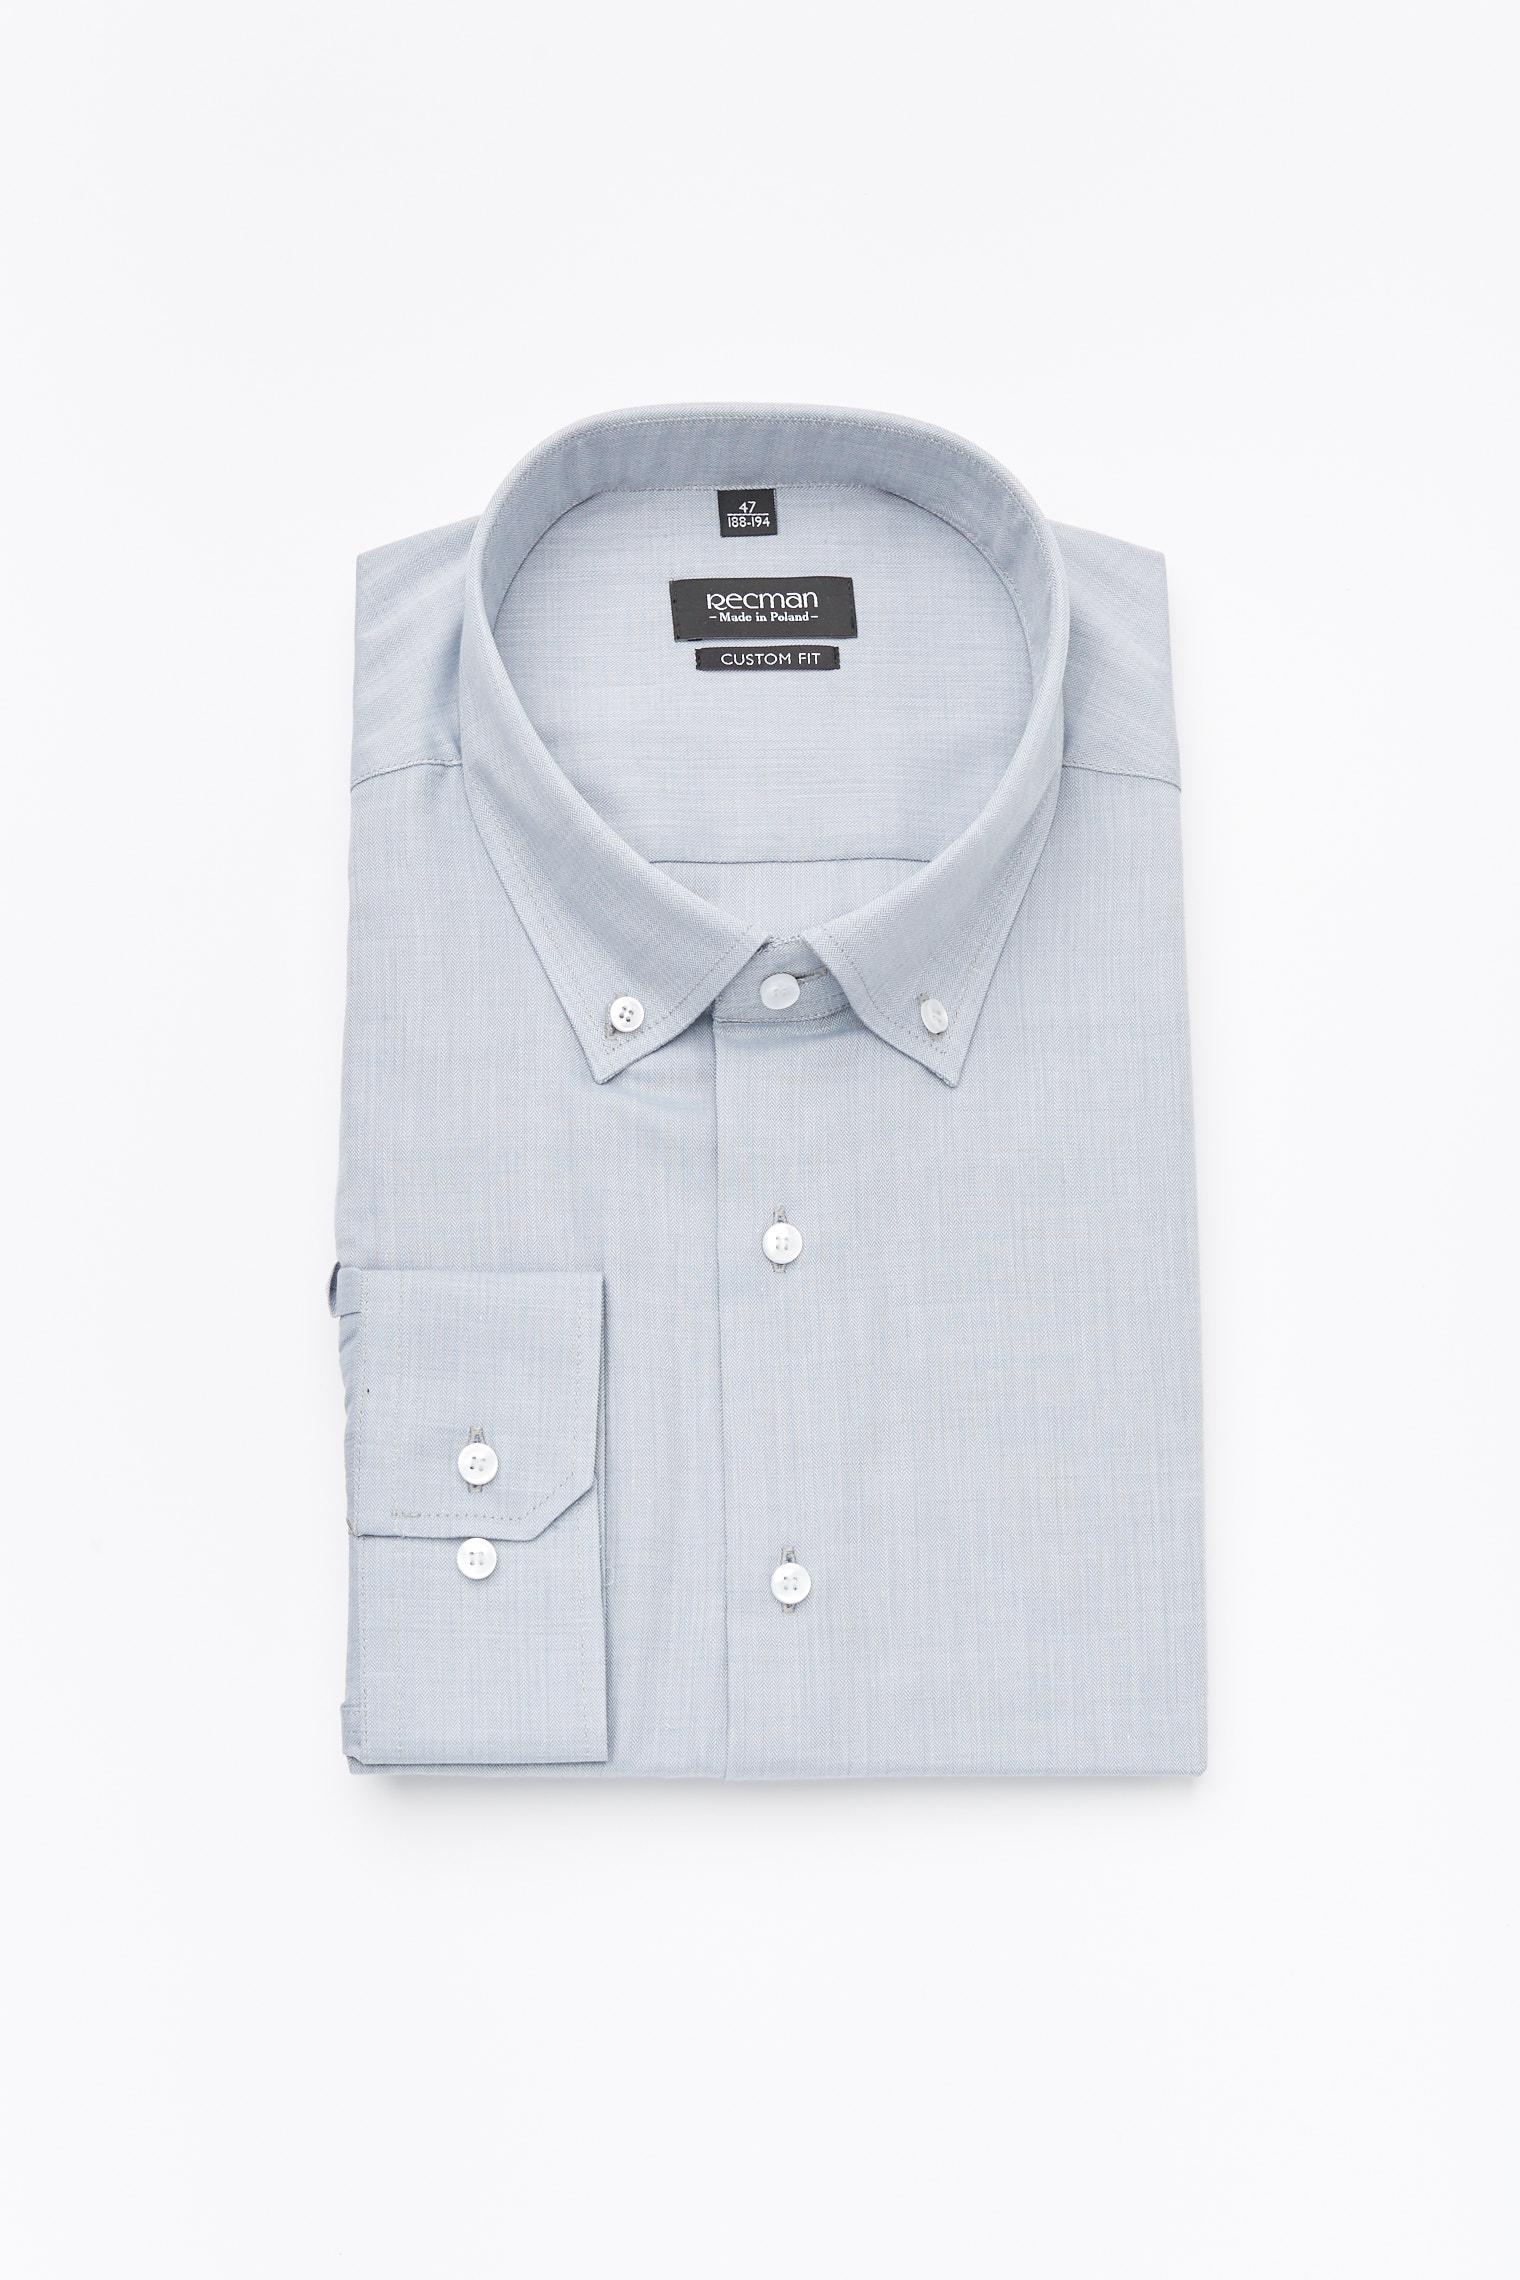 koszula versone 2587 długi rękaw custom fit szary